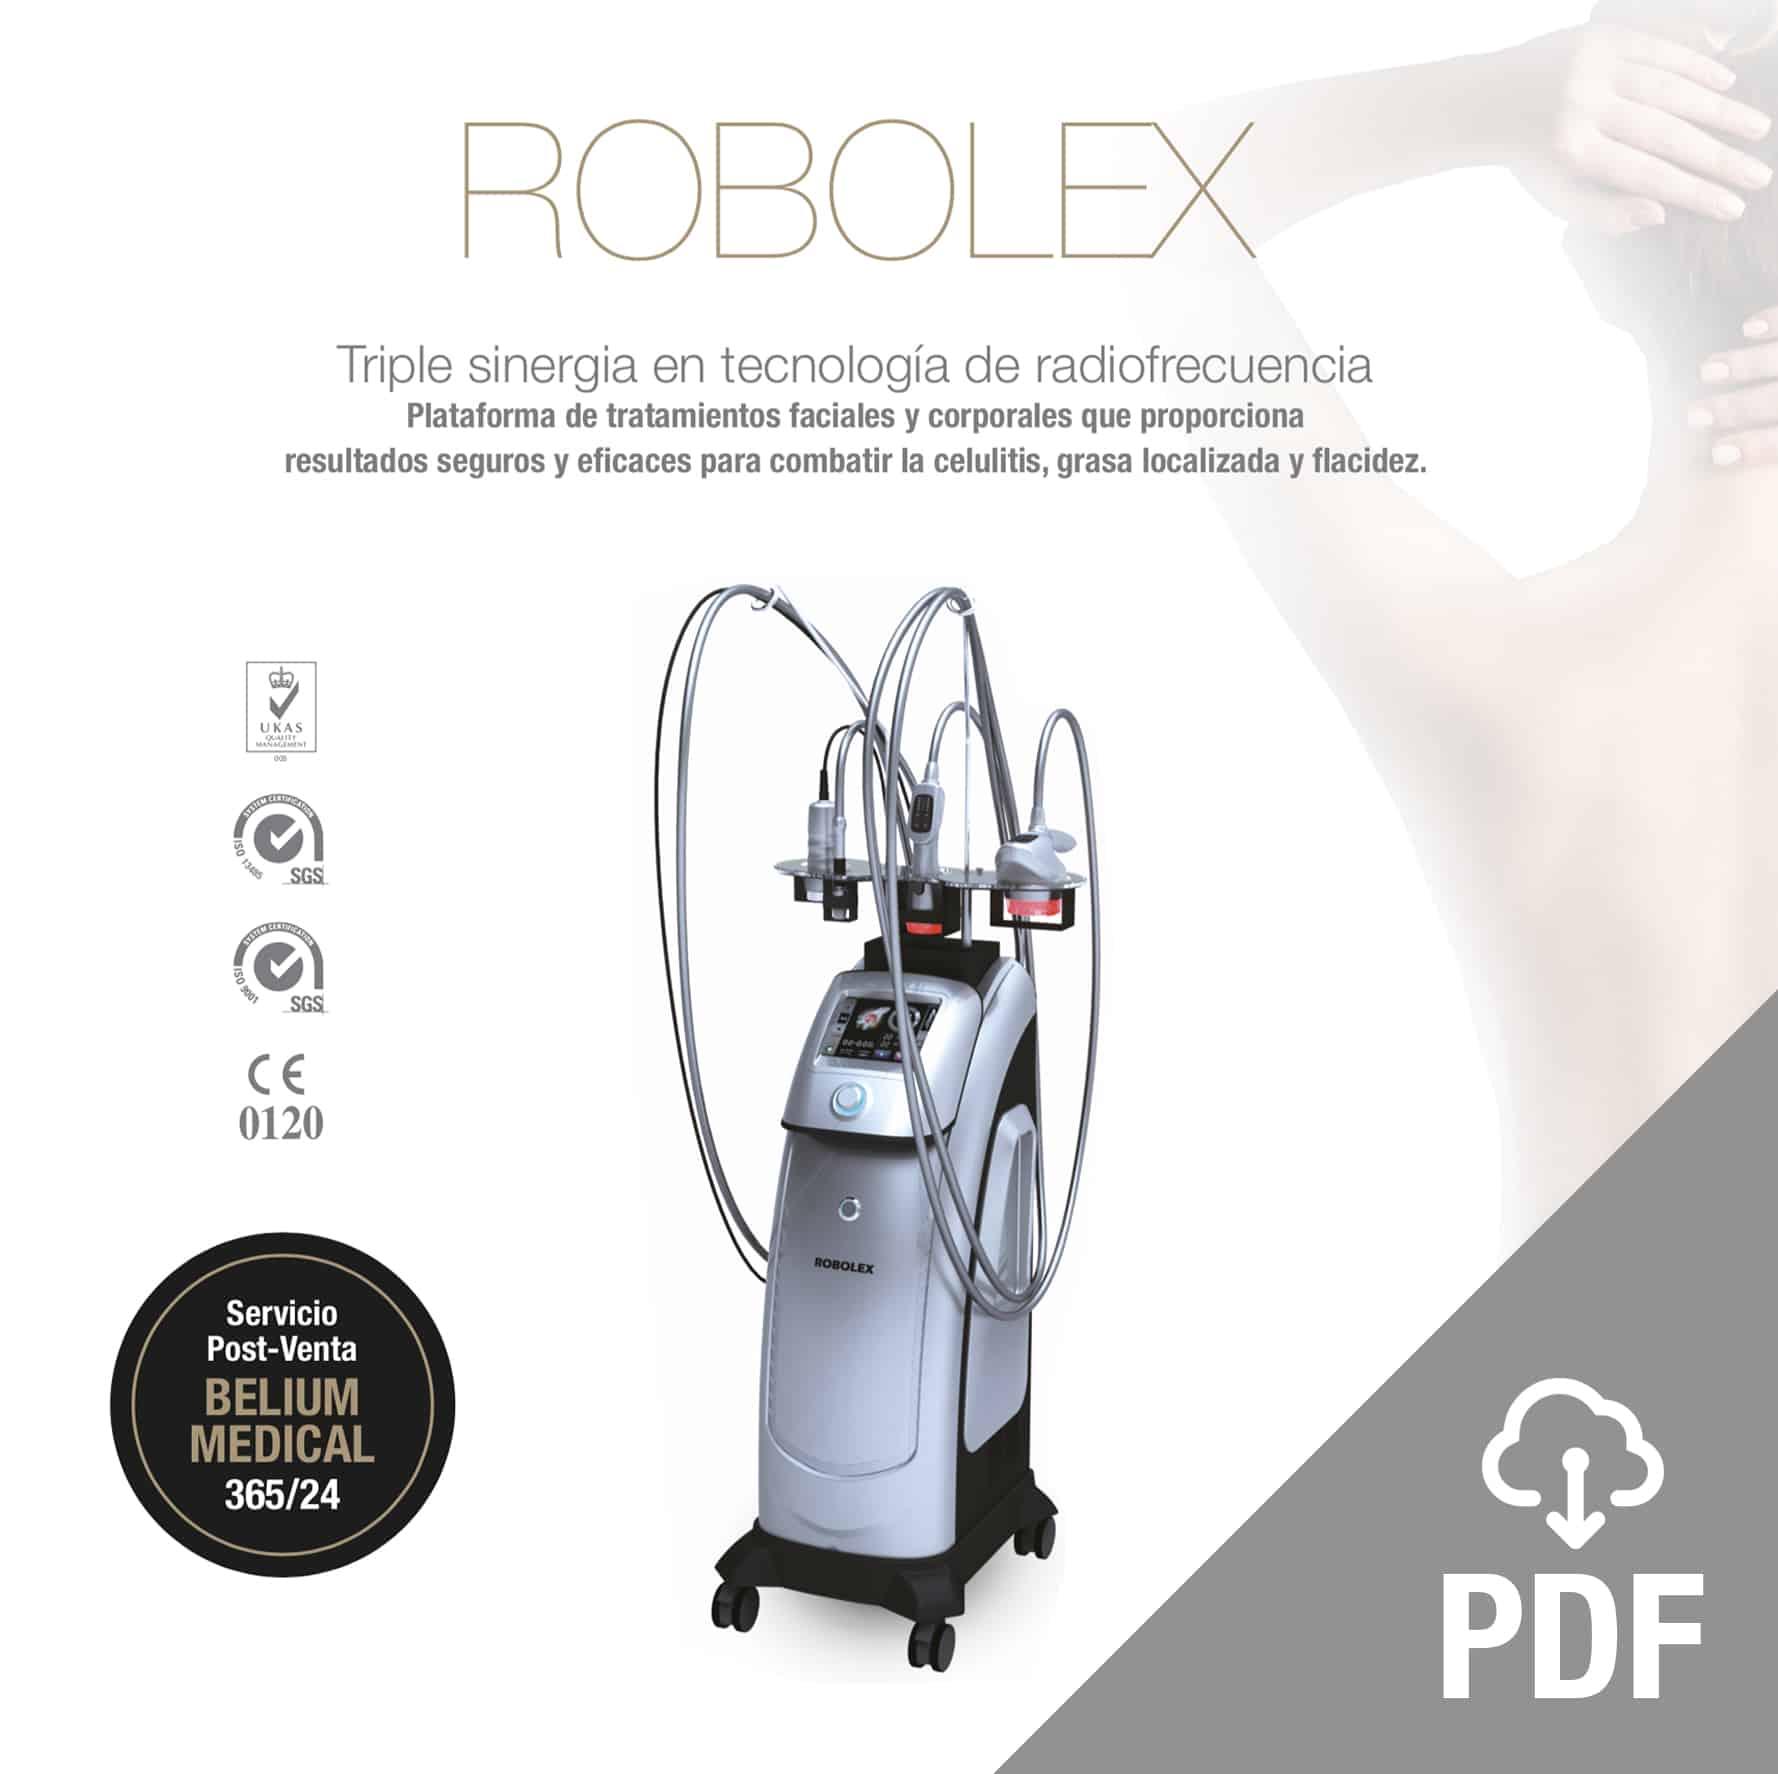 robolex trynea pdf: radiofrecuencia, cavitación, vacum, laser para eliminacion celulitis, grasa, flacidez. Tratamiento facial rejuvenecimiento y corporal. Belium Medical distribuidor españa